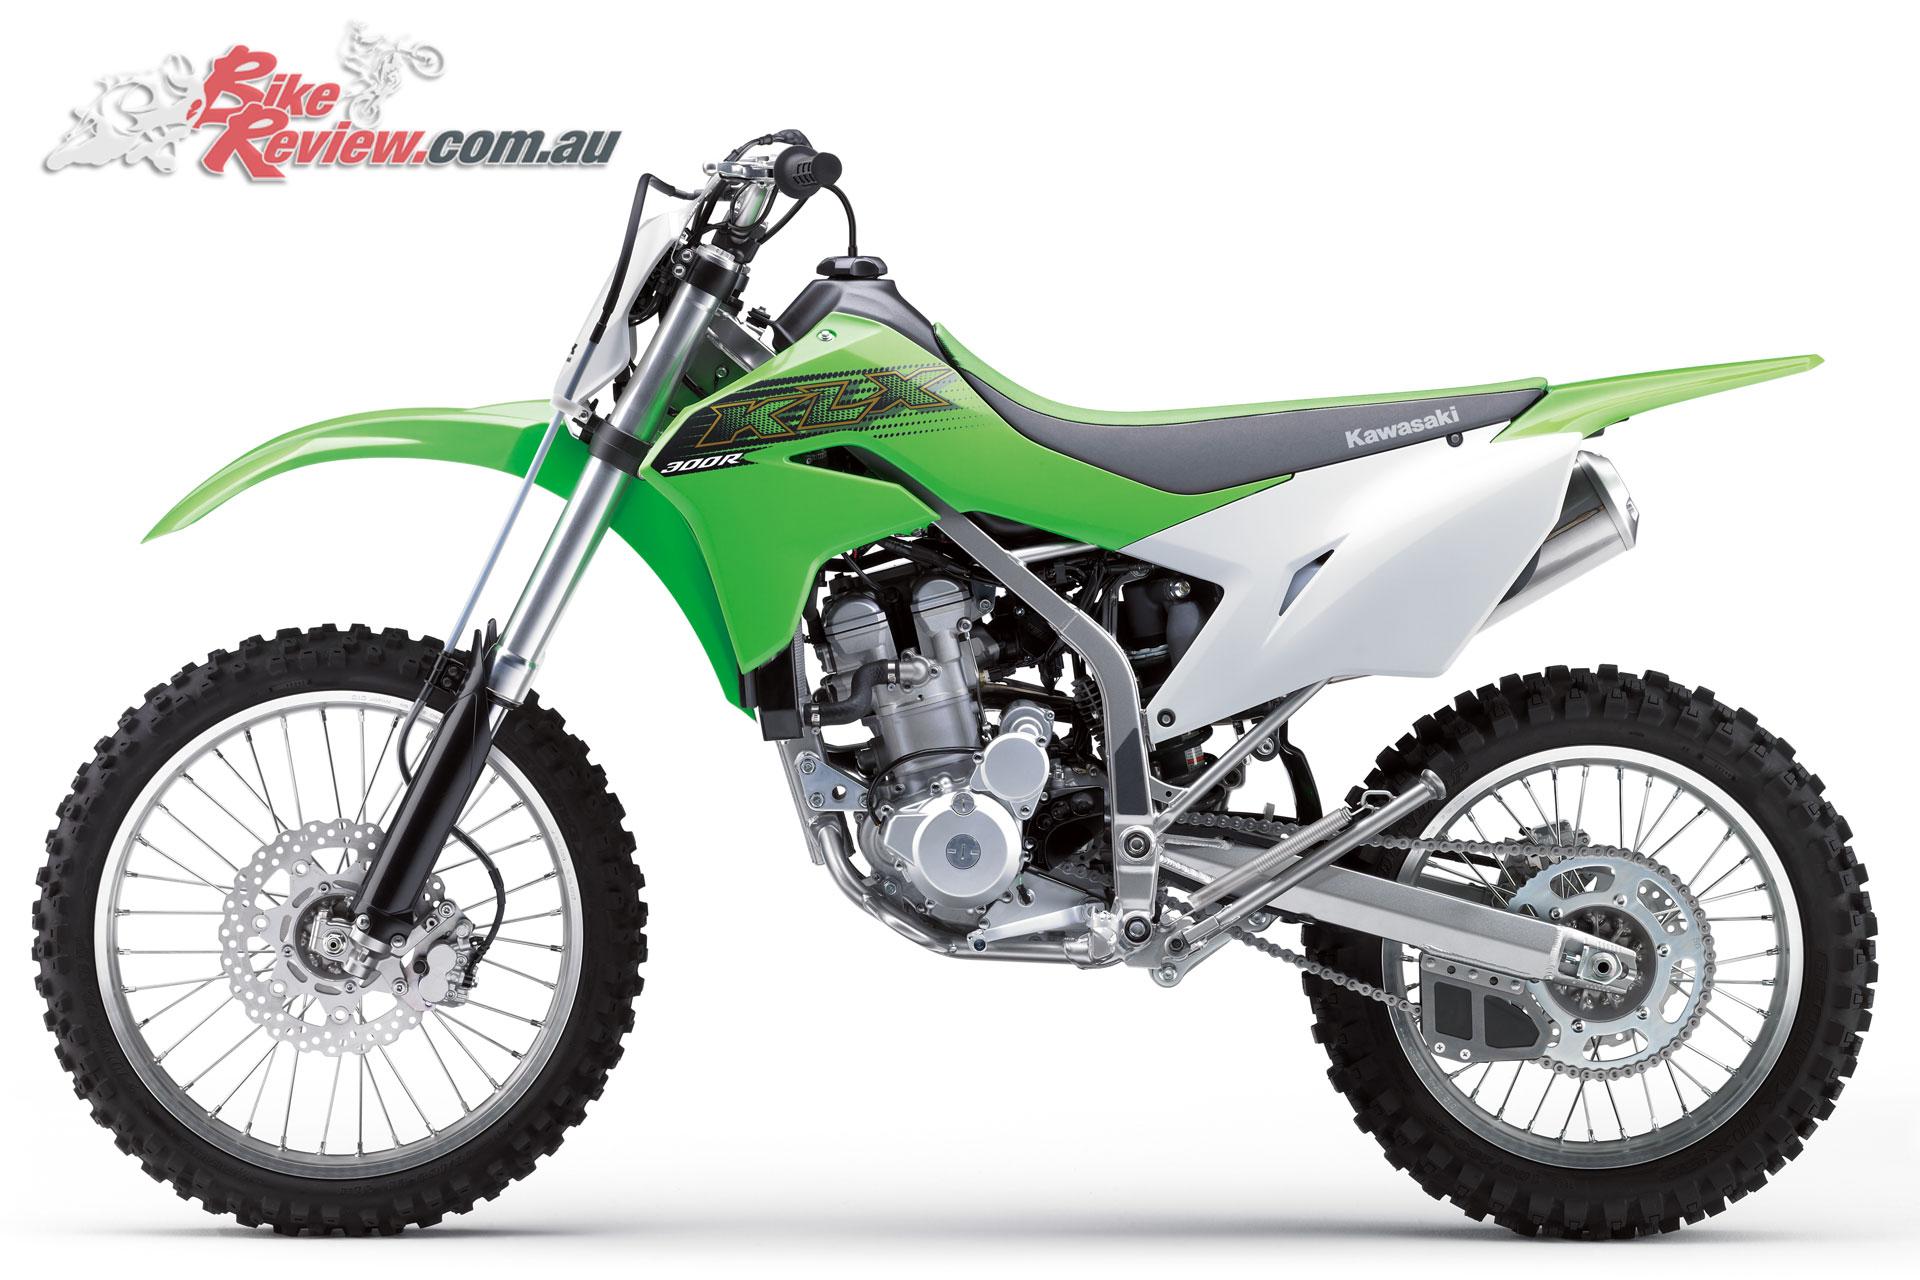 2020 Kawasaki KLX300R